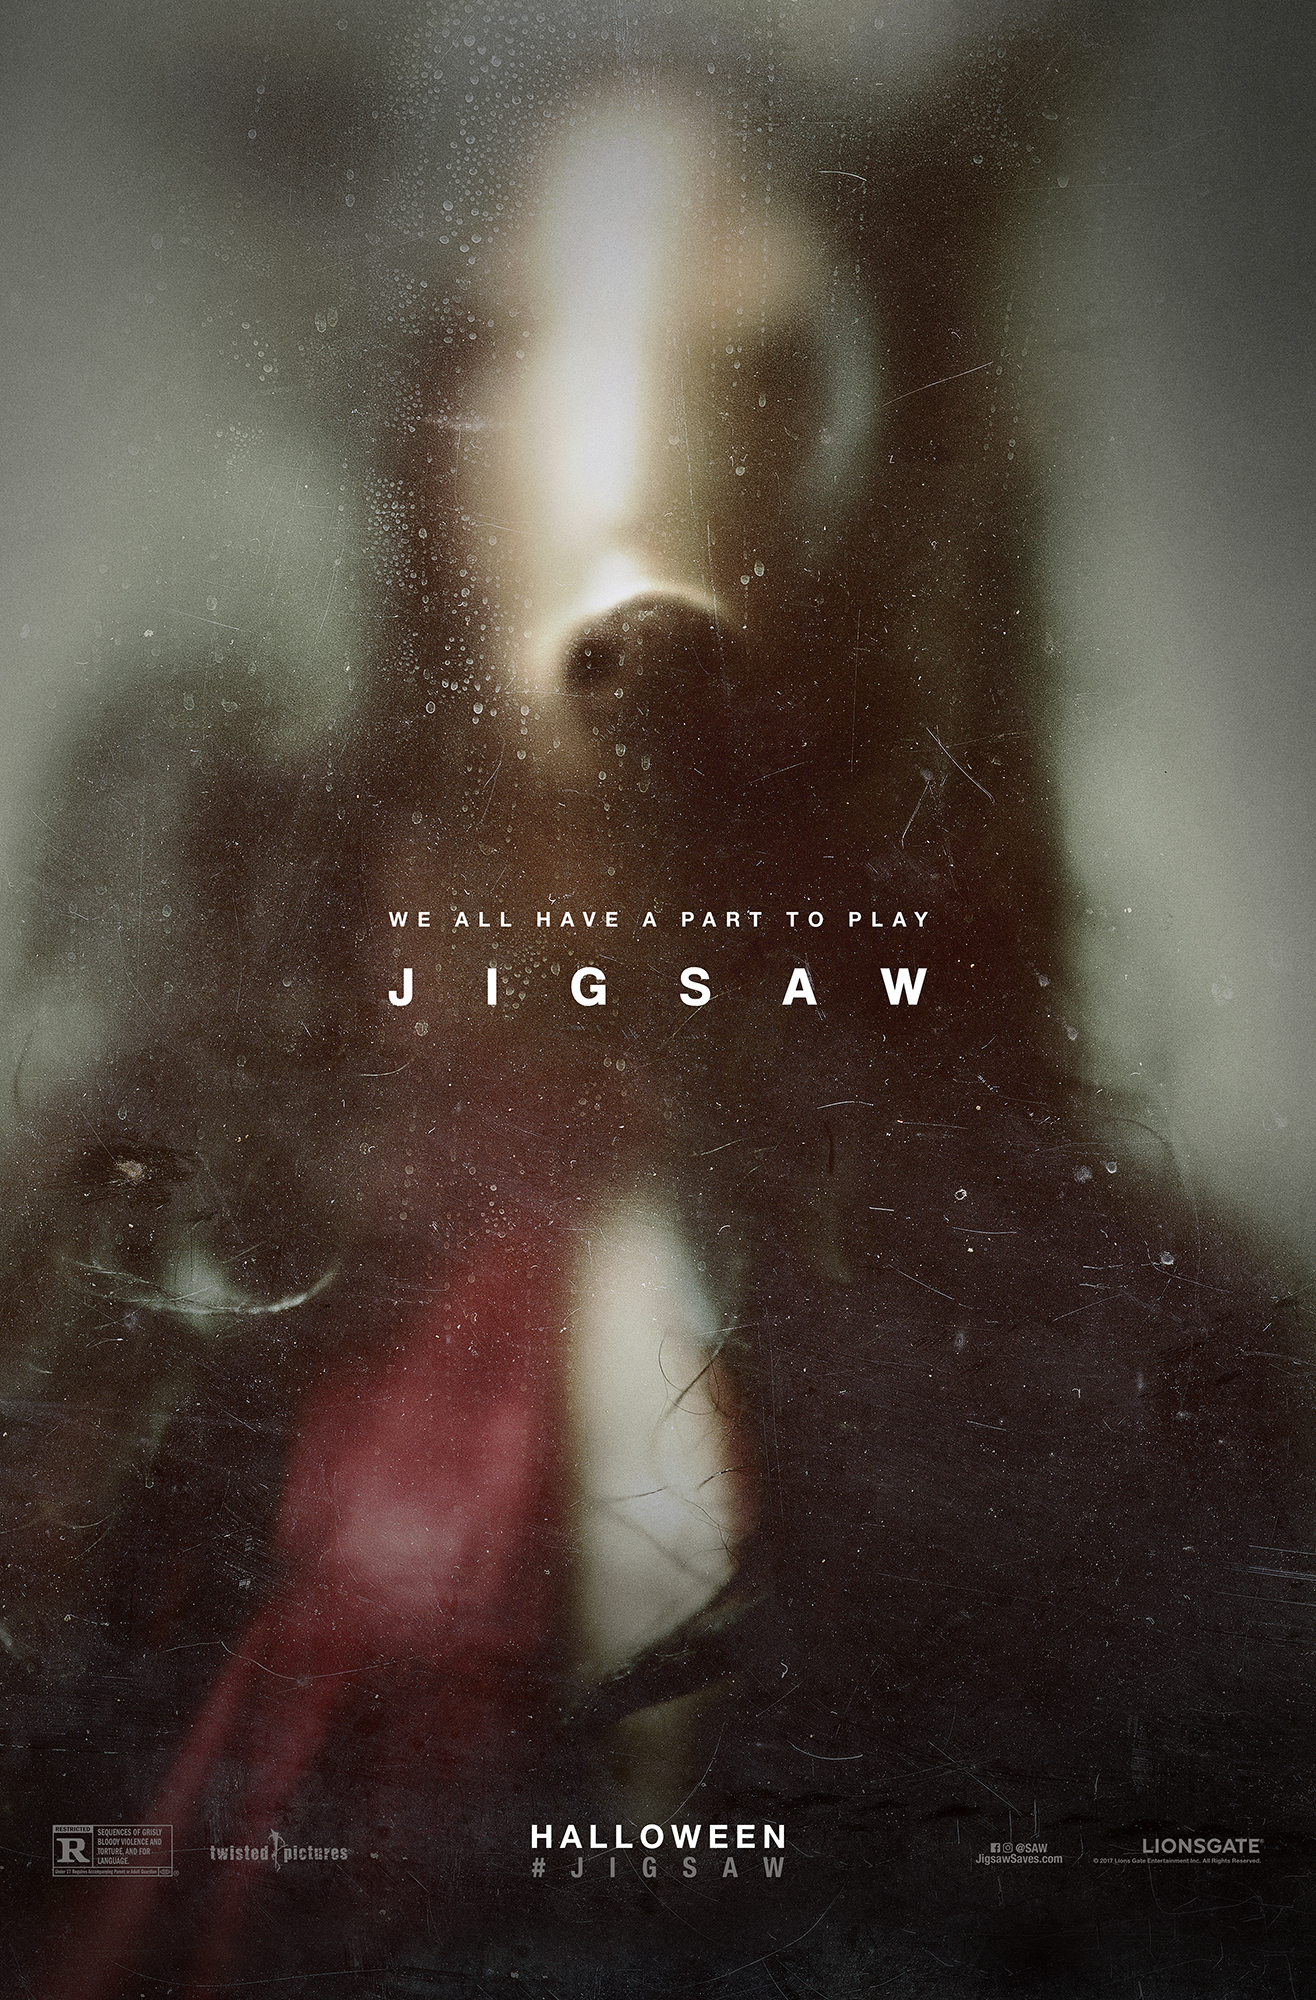 Jigsaw_1Sht_Tsr_Mirror_Online_25x38_100dpi.jpg